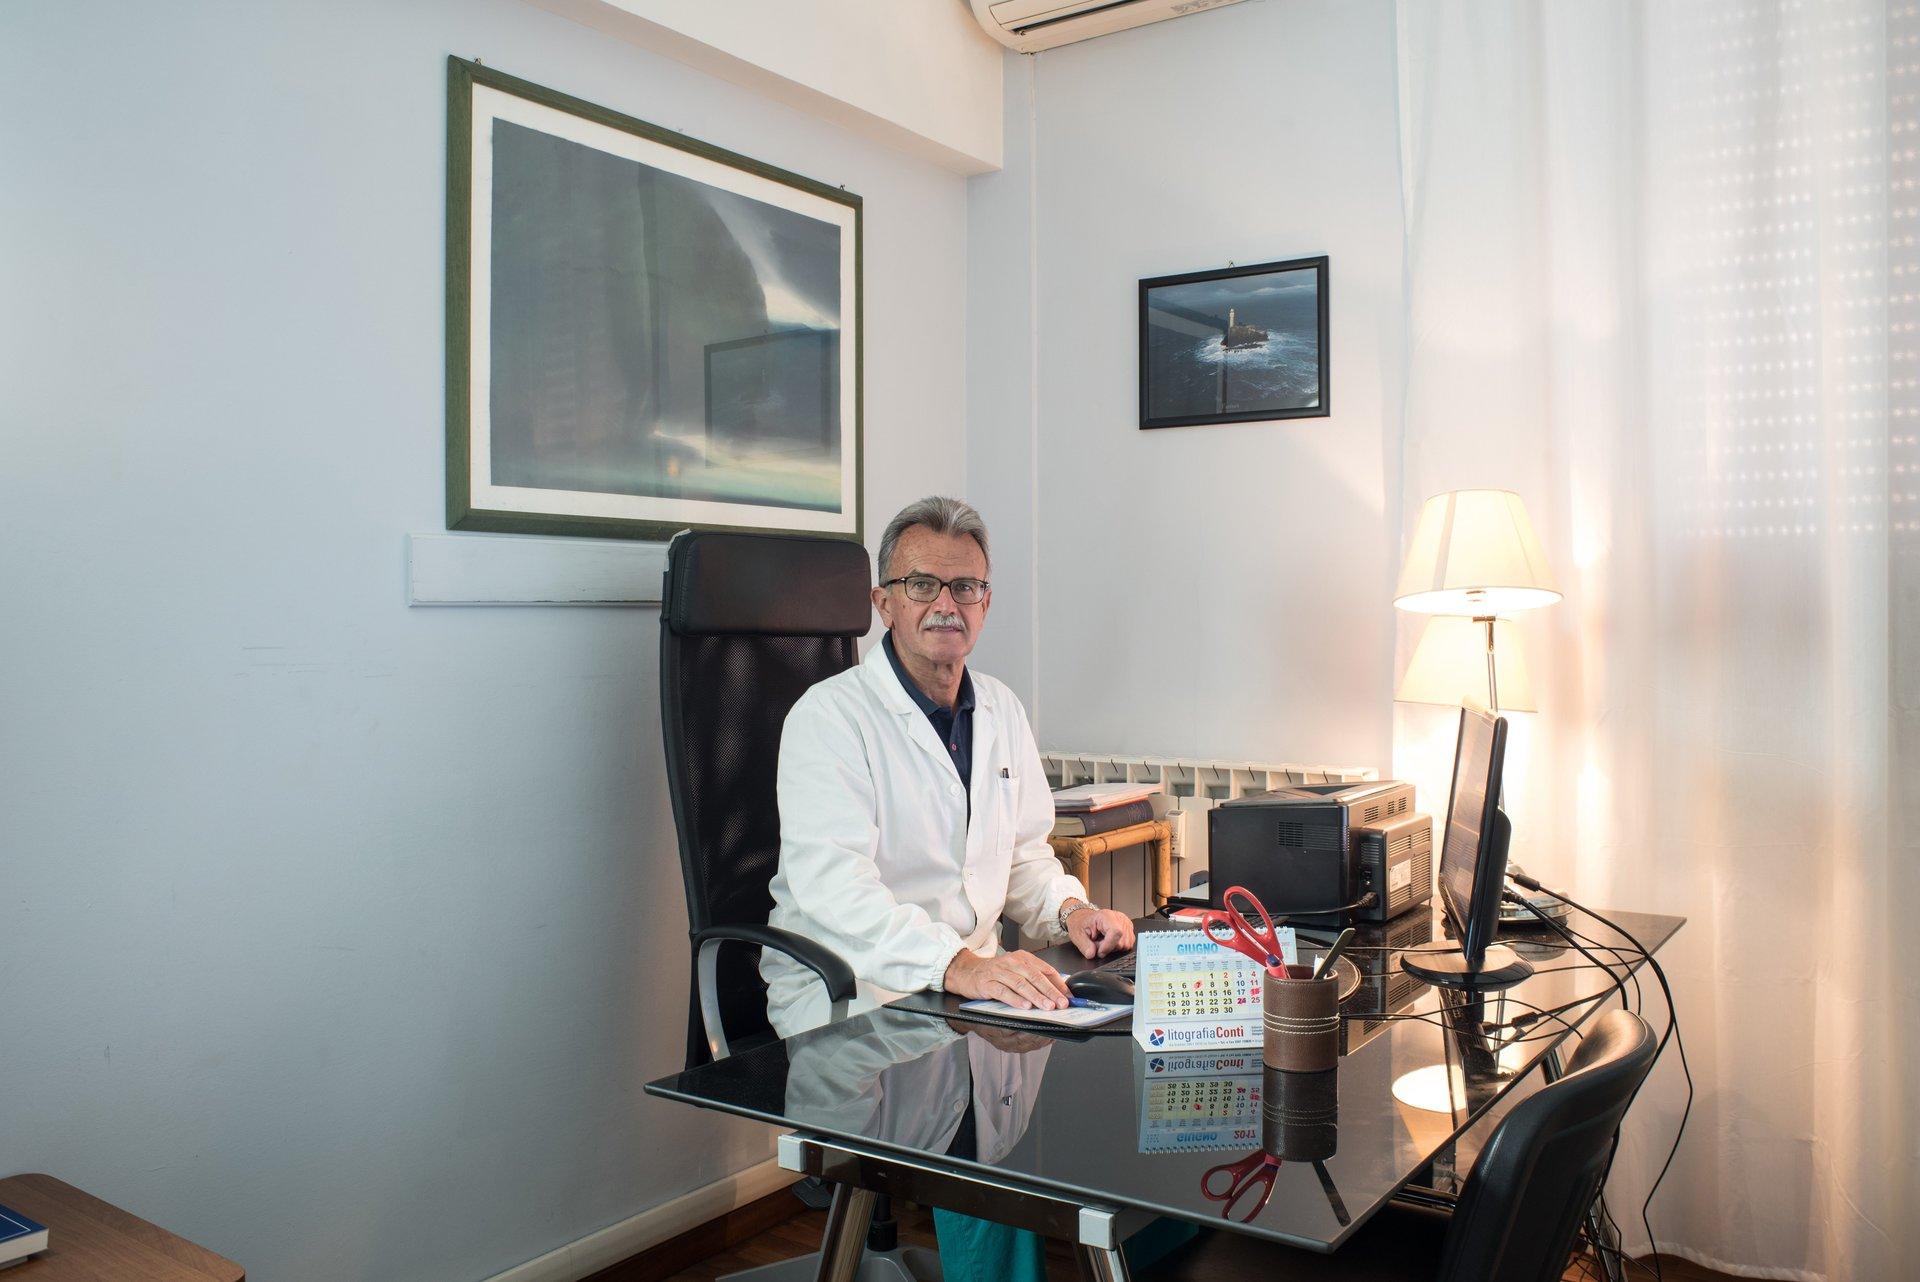 dr. pier paolo lello